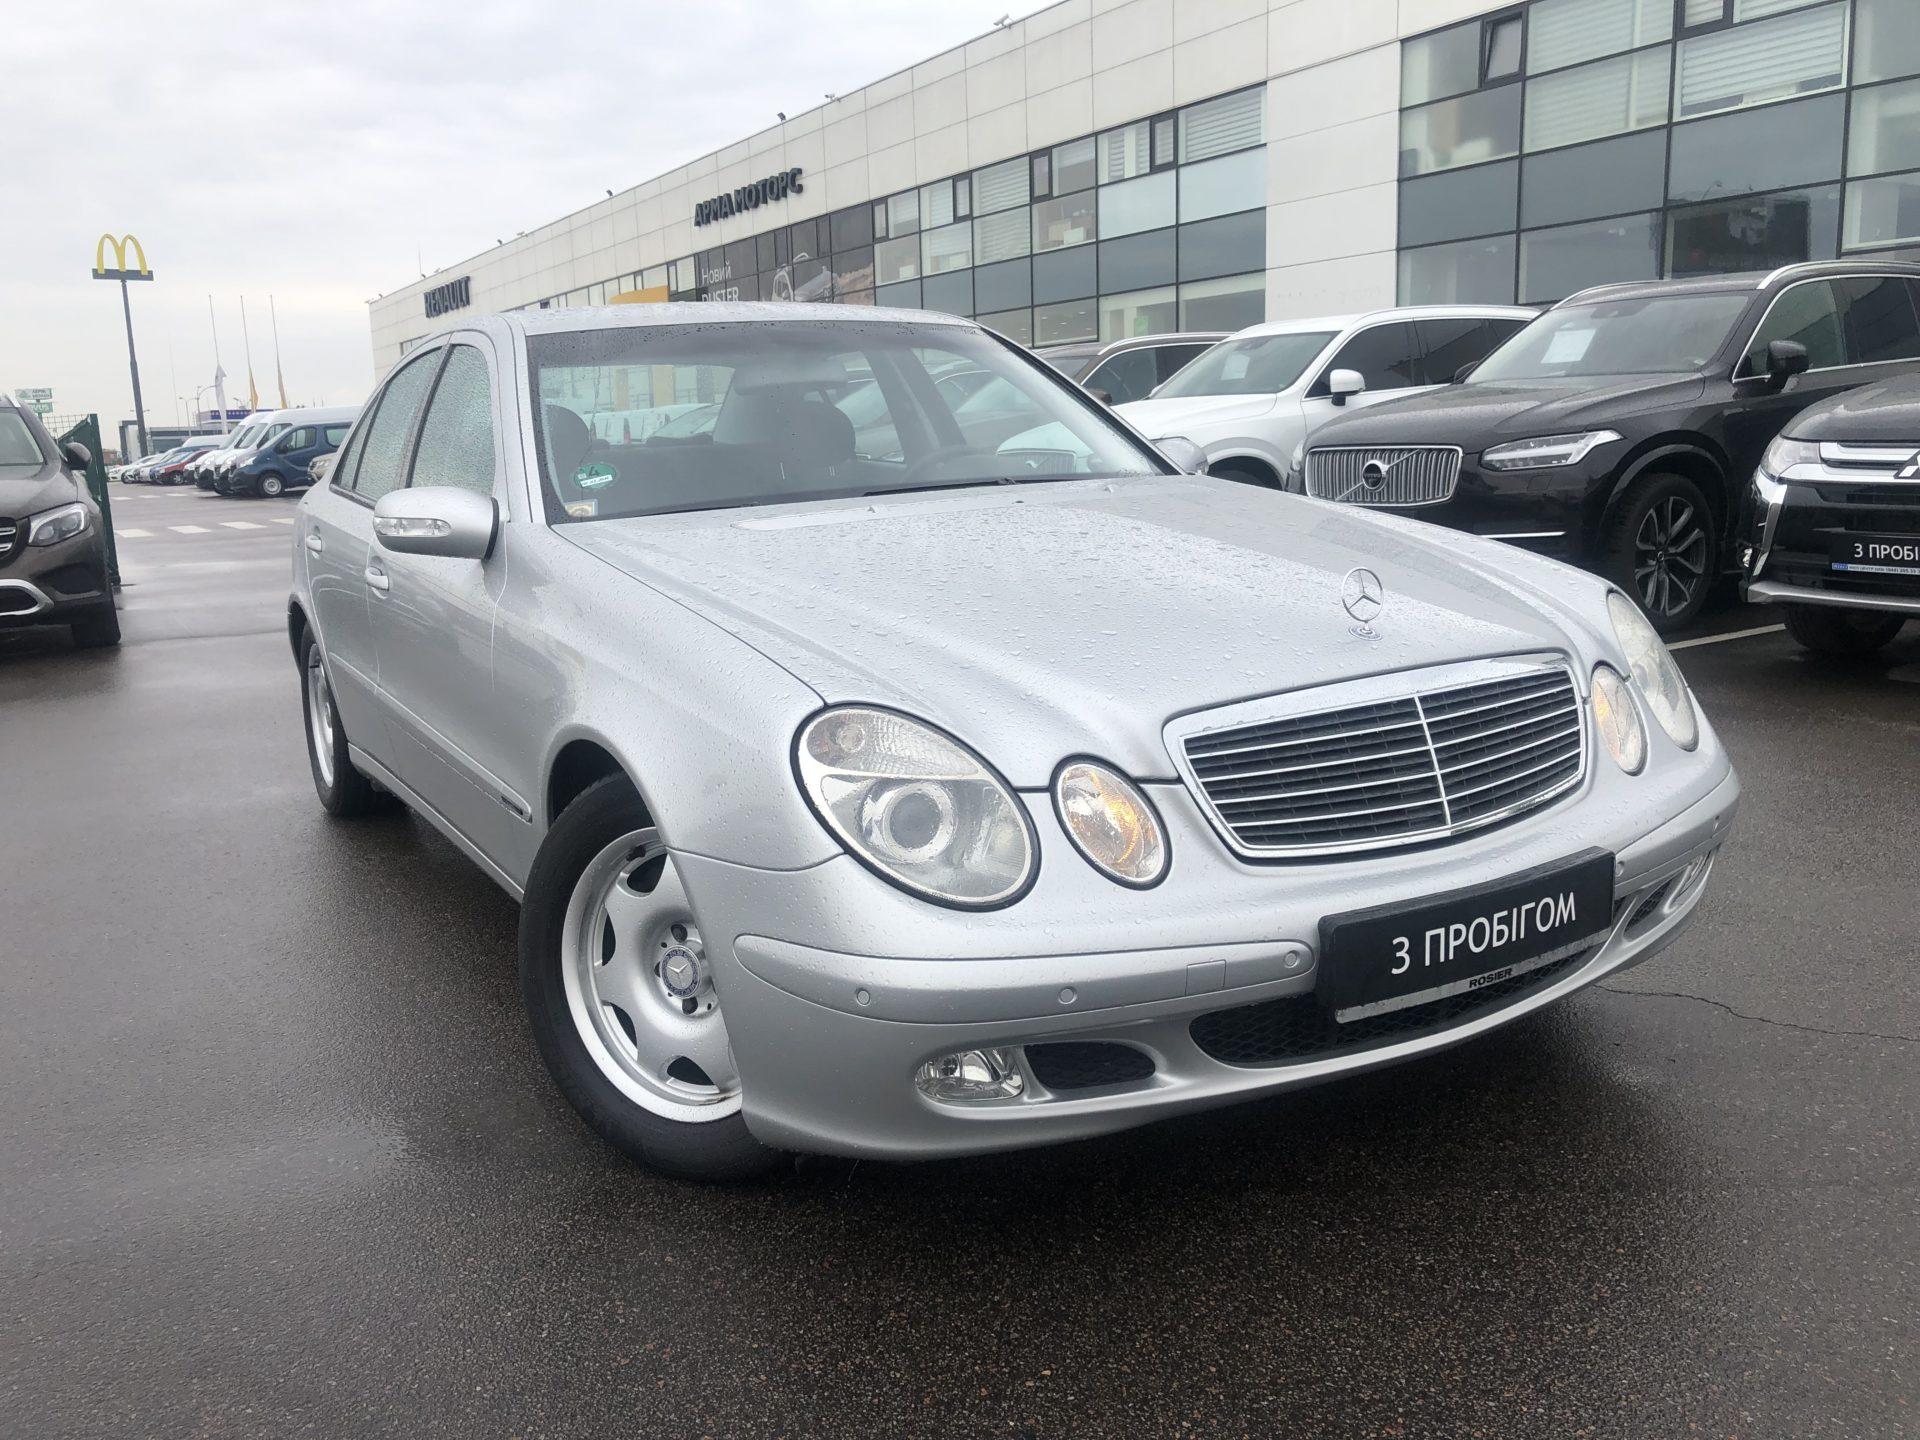 Mercedes-Benz E270 фото 1